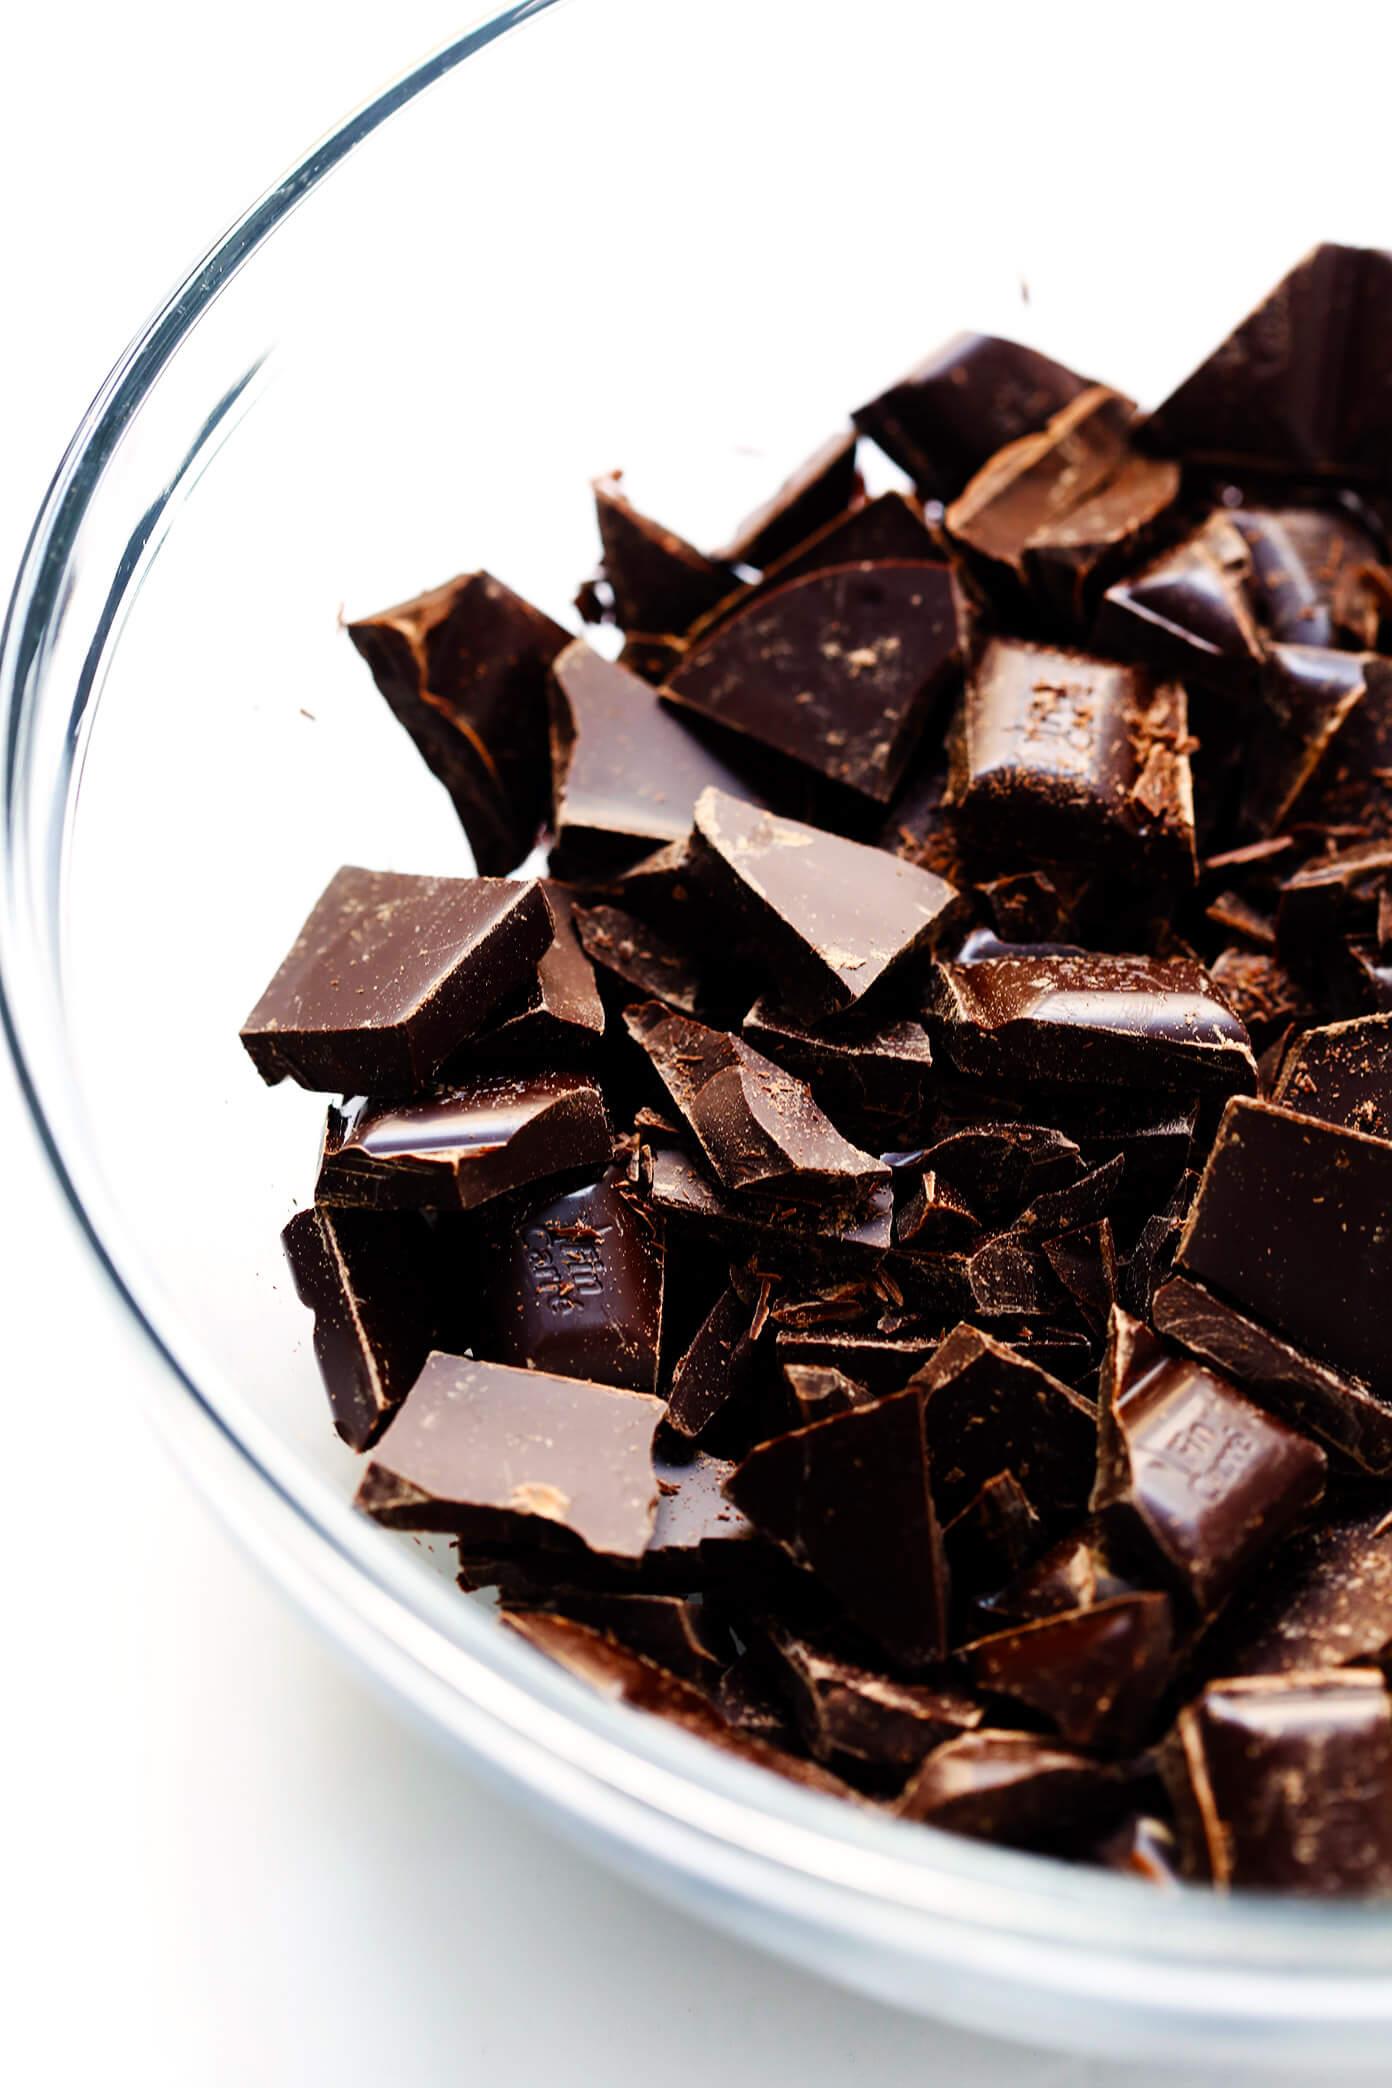 Chopped Dark Chocolate Bars